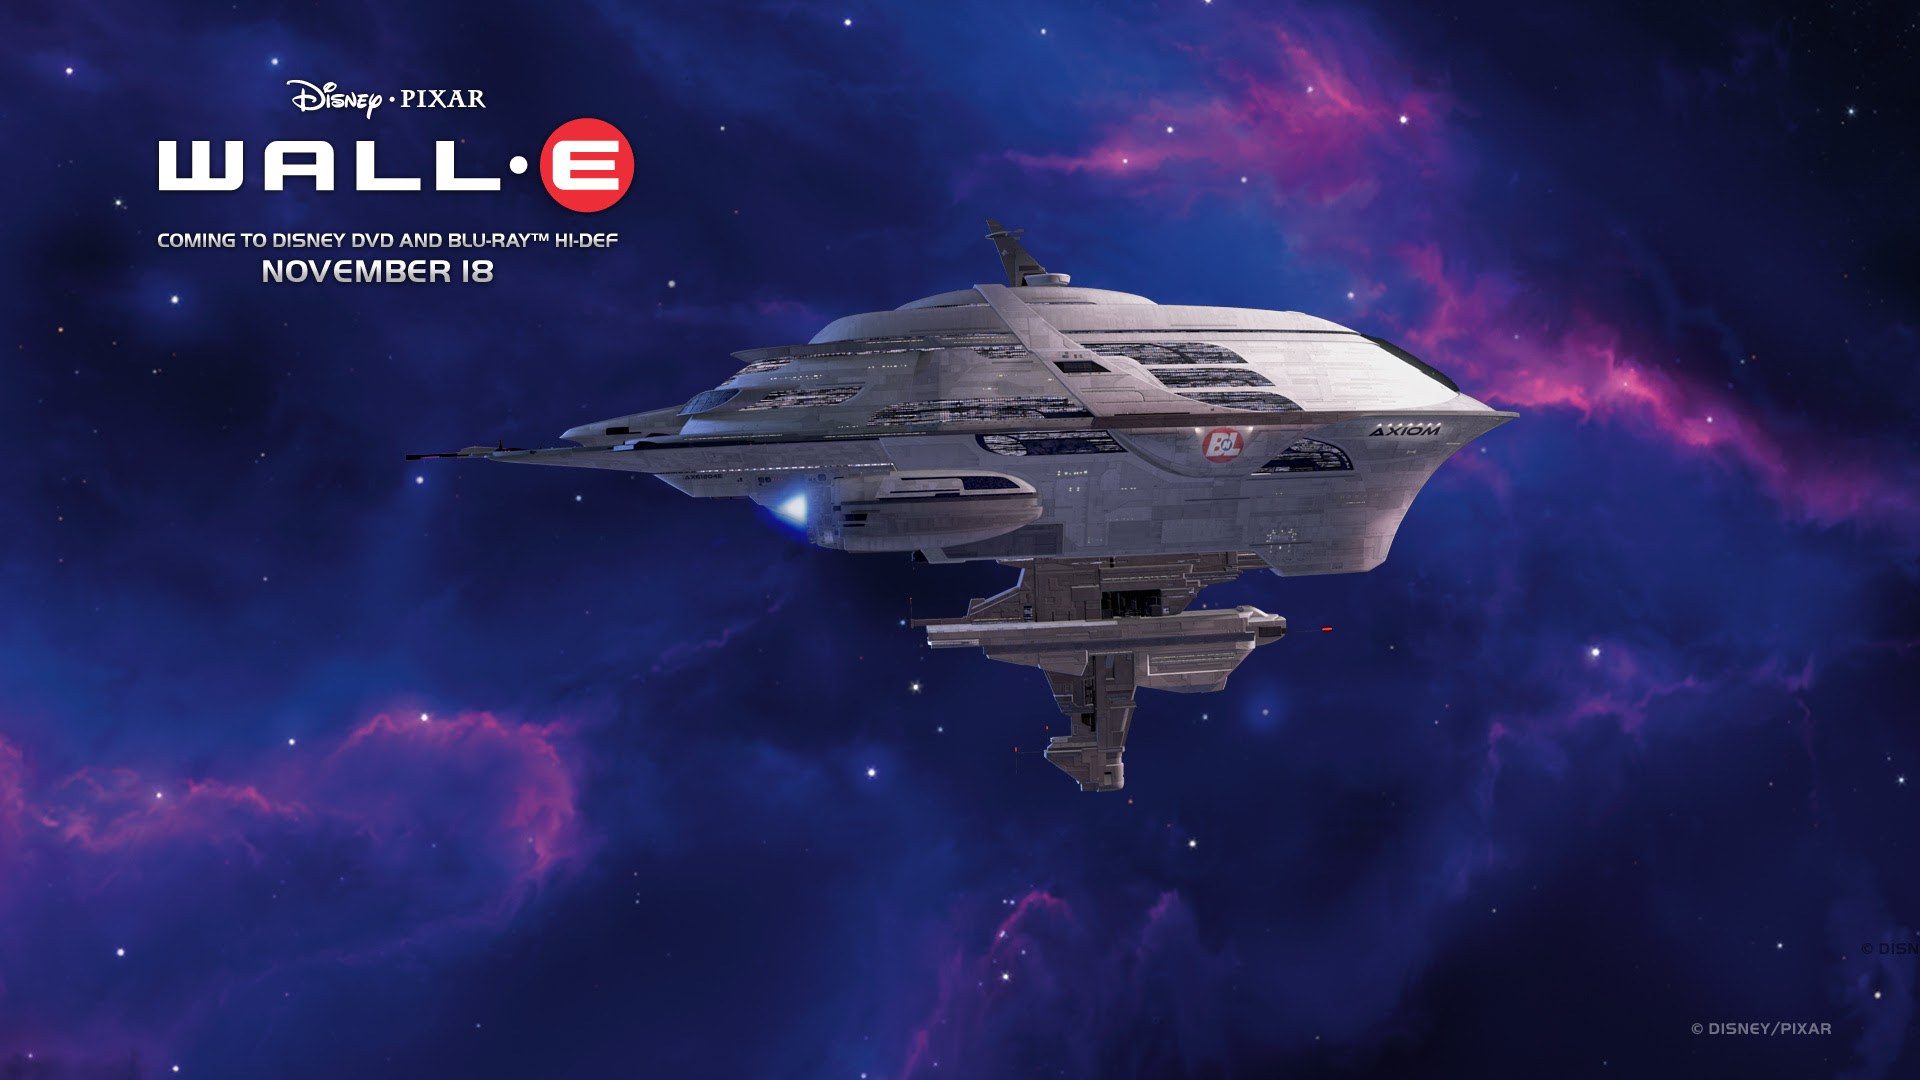 Wall E Cruise Space Ship Desktop Wallpaper